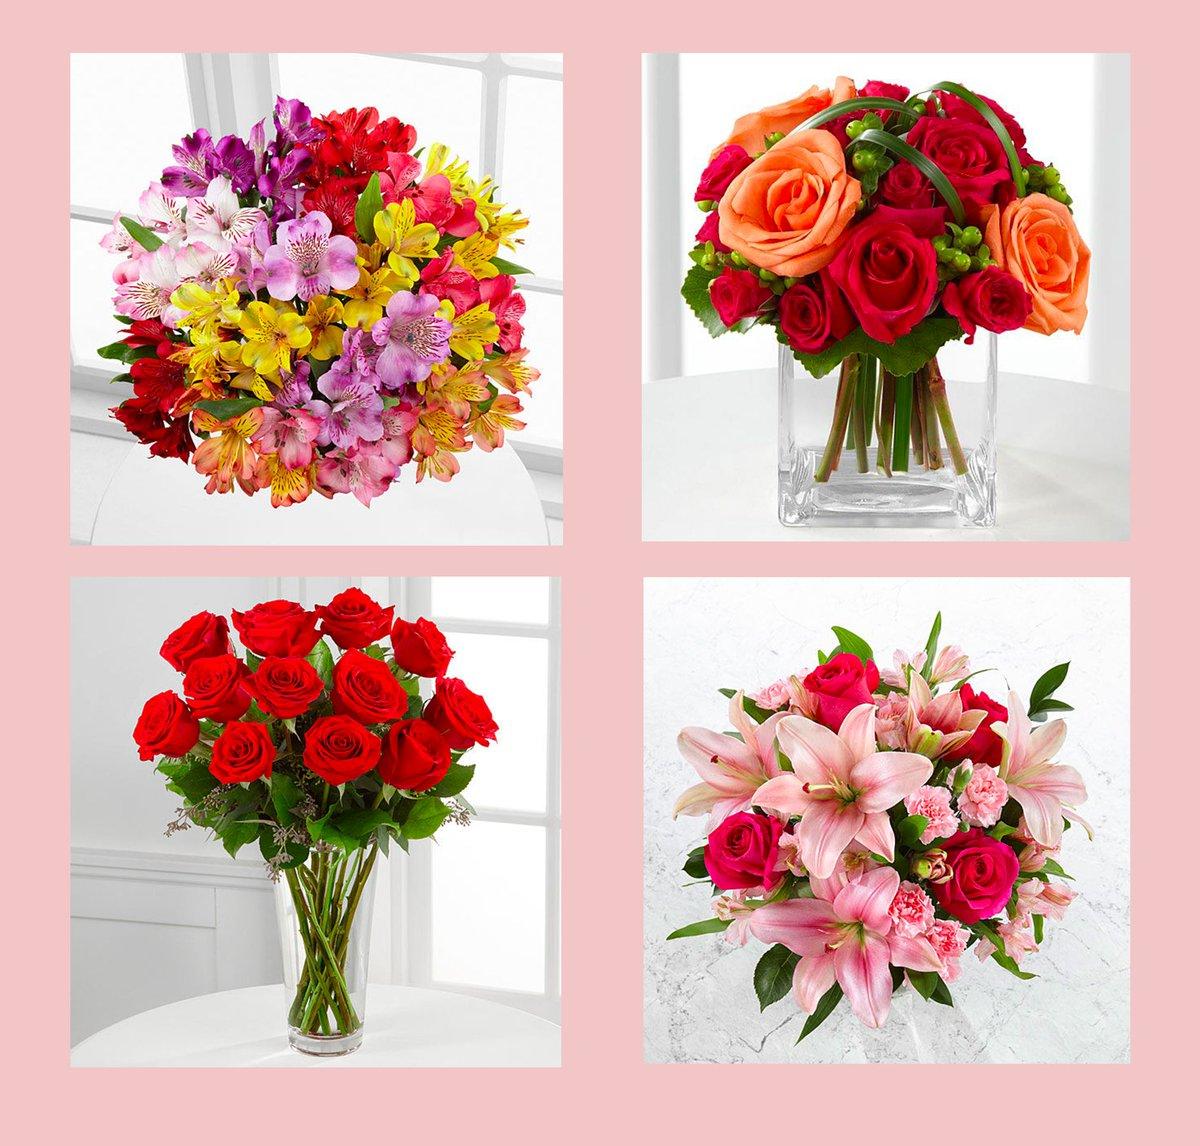 416 flowers order send flowers online 416flowers twitter 0 replies 0 retweets 0 likes izmirmasajfo